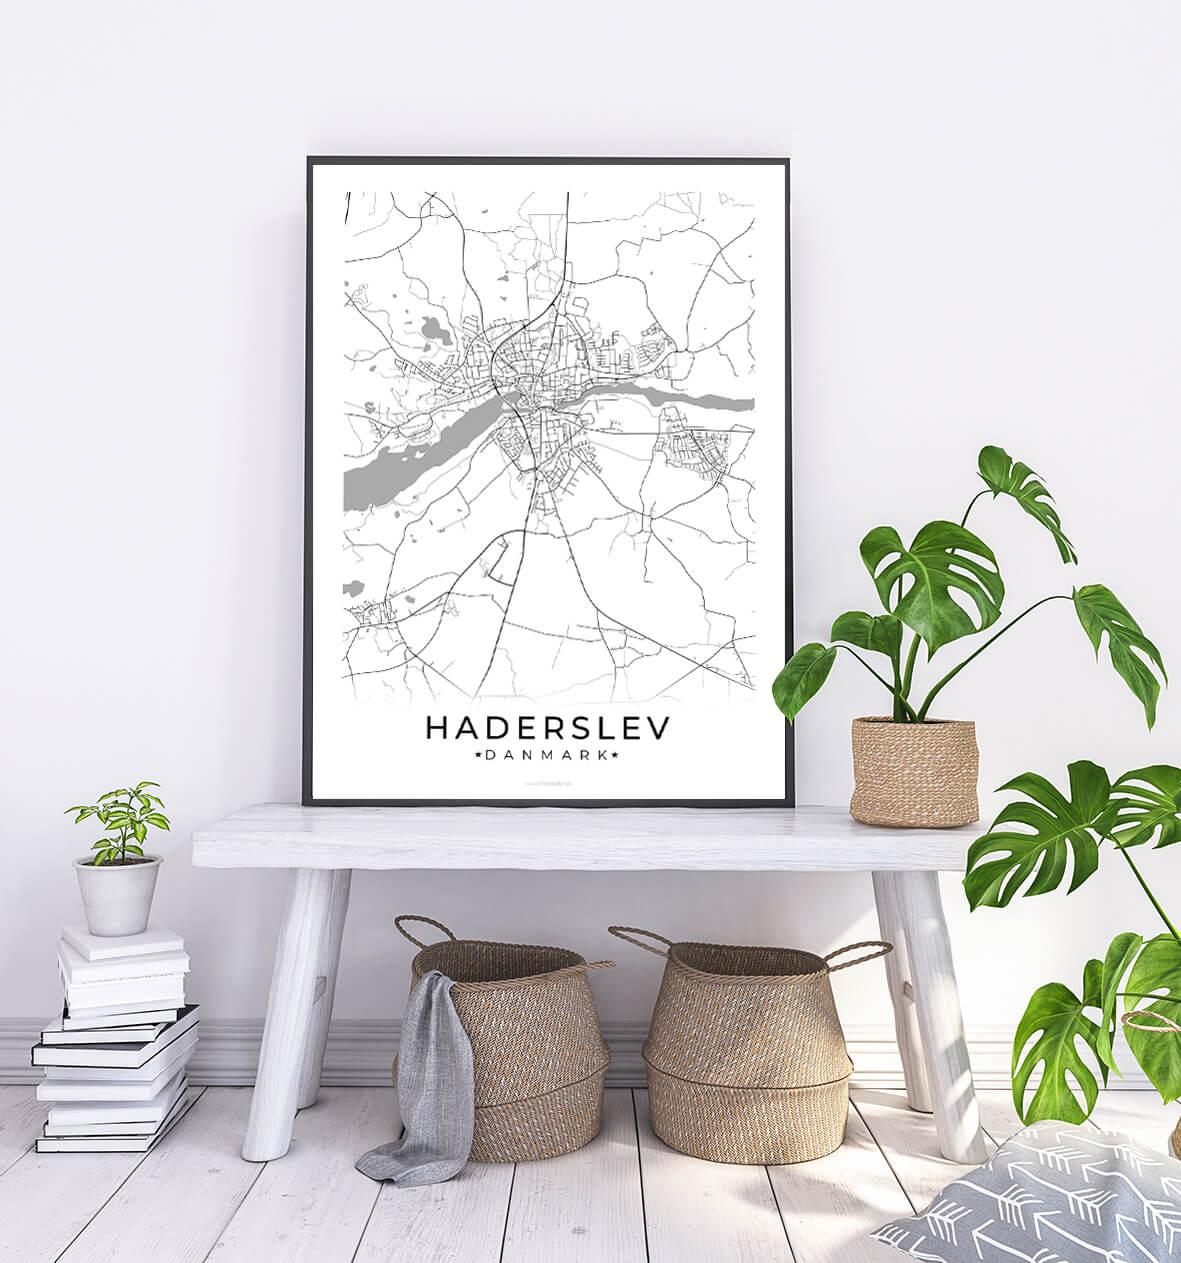 Haderslev-hvid-byplakat-1